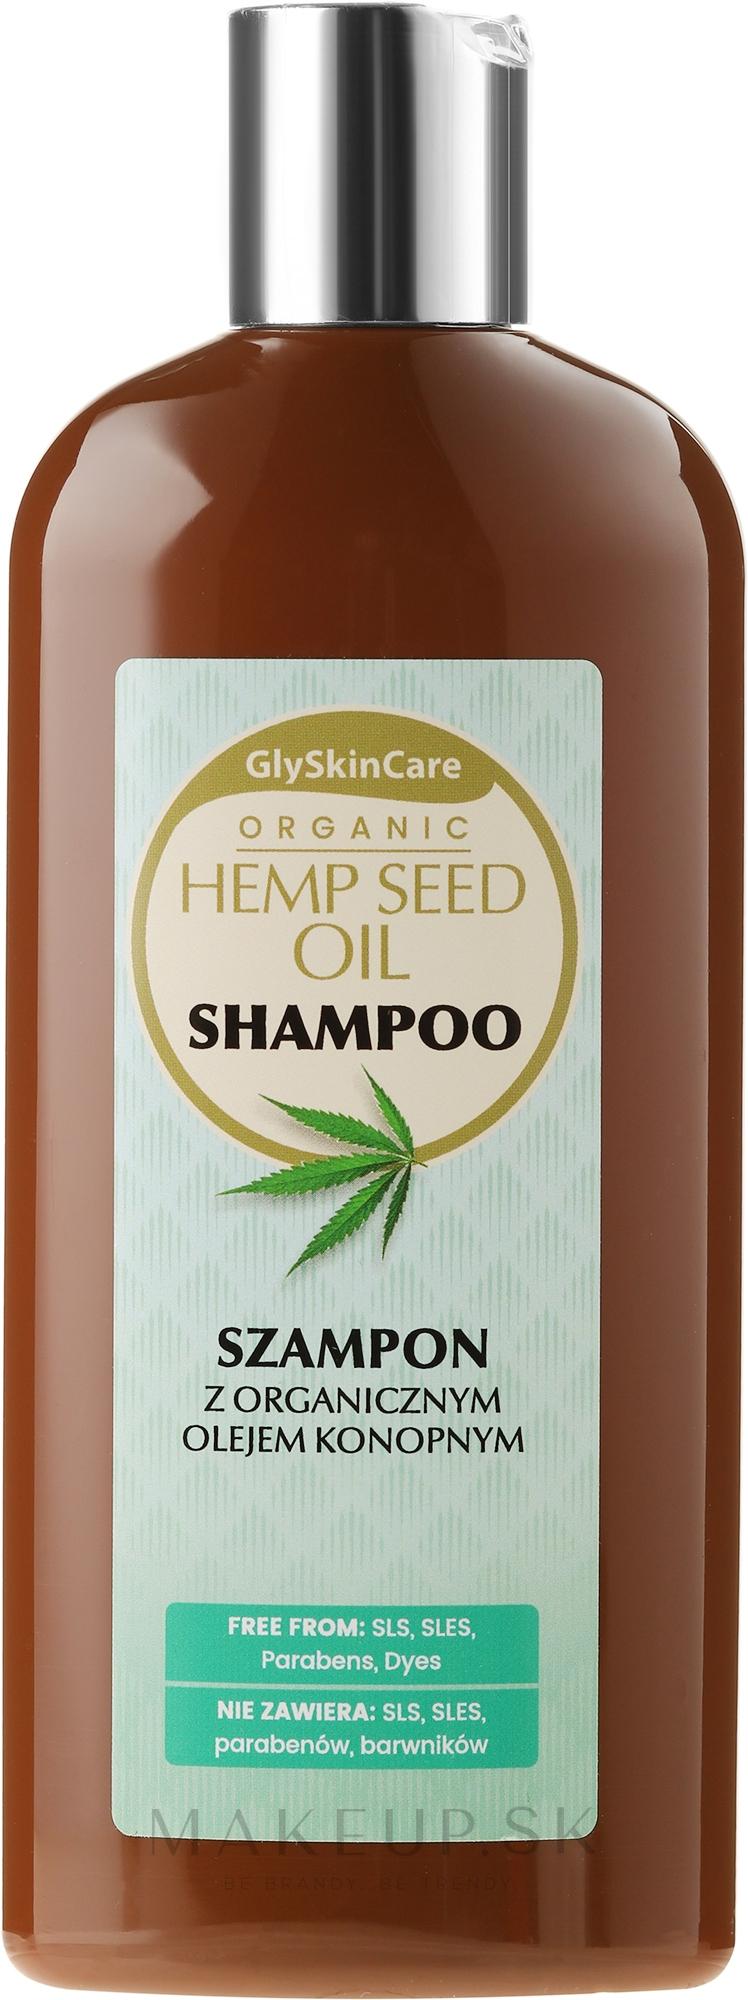 Šampón s organickým konopným olejom - GlySkinCare Organic Hemp Seed Oil Shampoo — Obrázky 250 ml